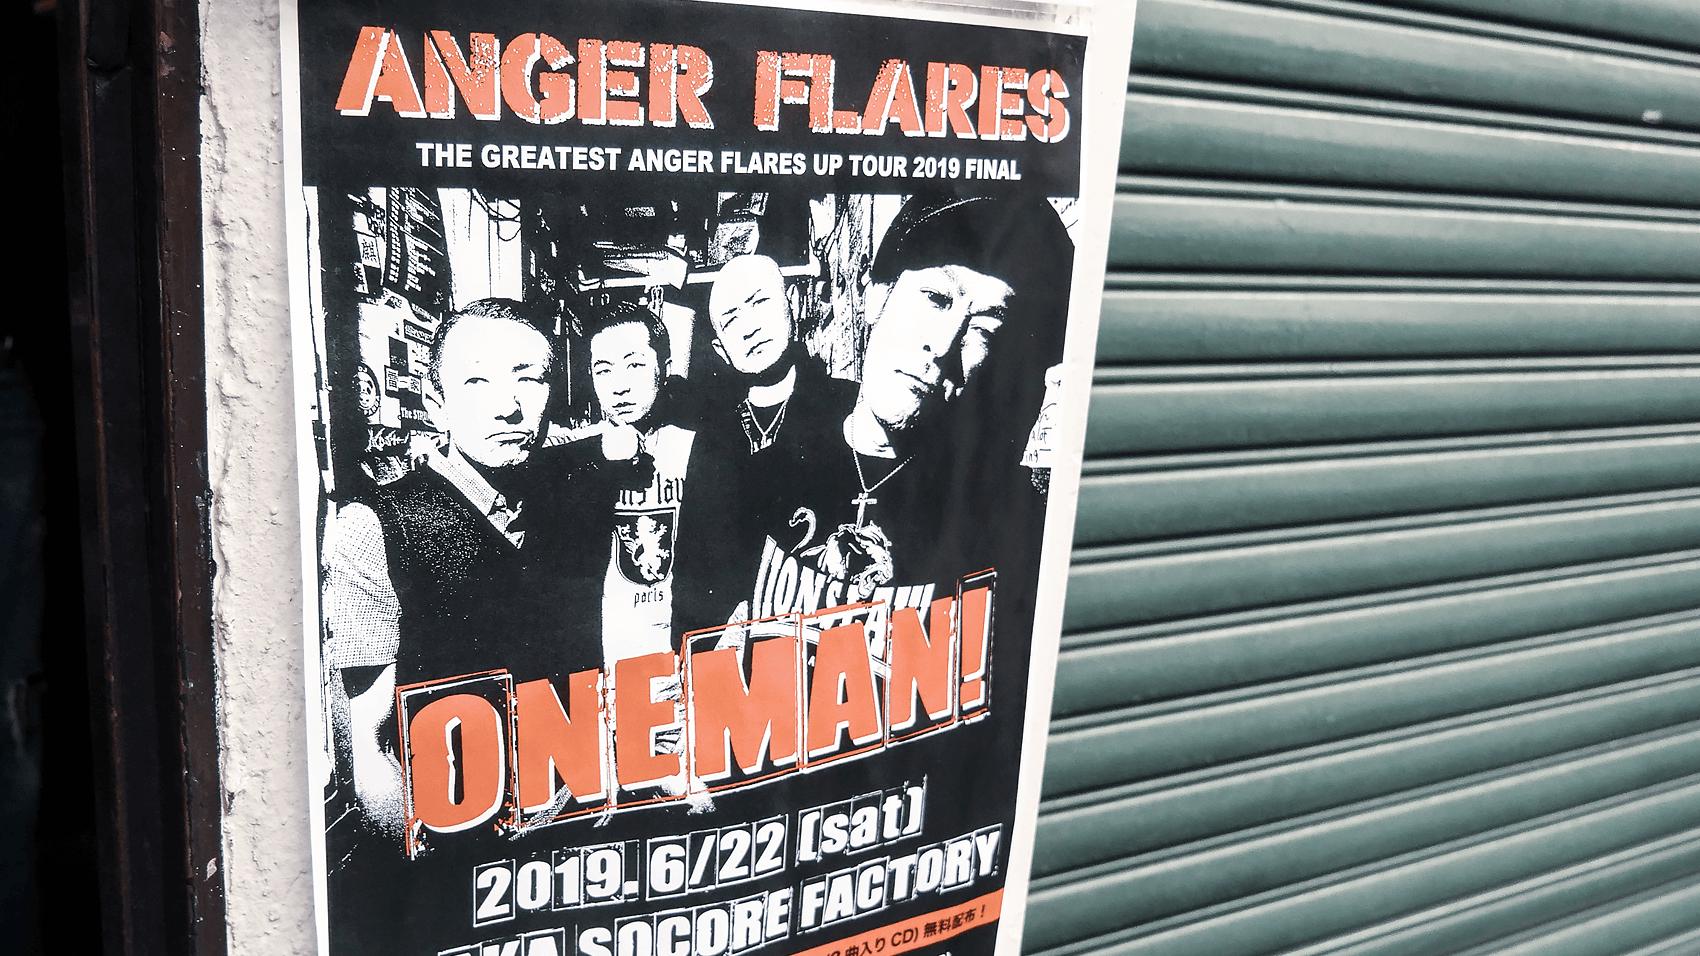 oiパンクバンドANGER FLARESのワンマンライブに行ってきた